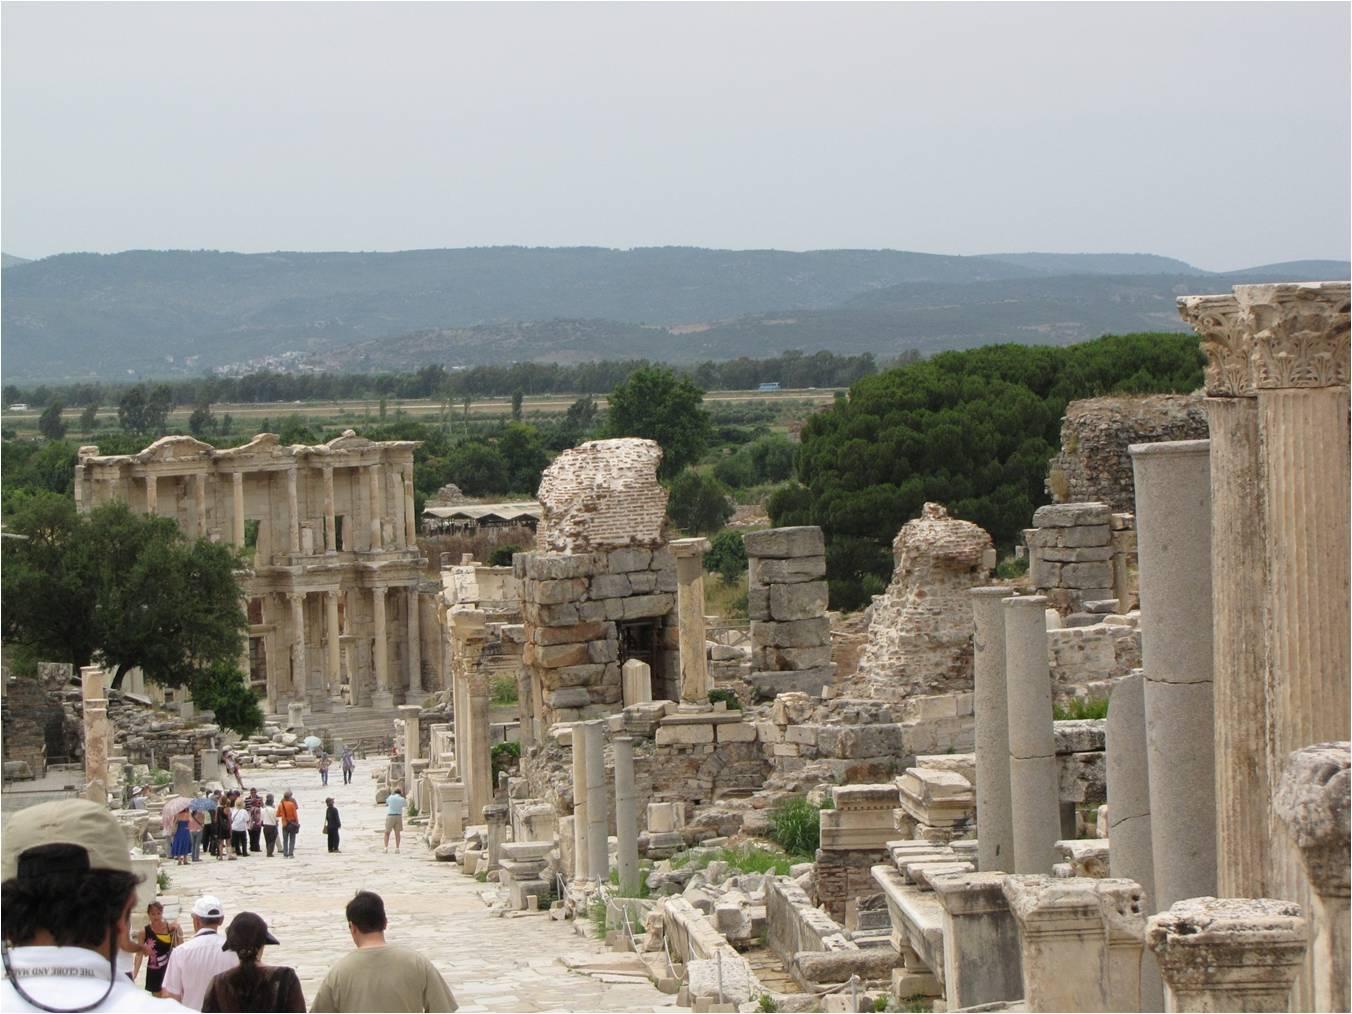 Ephesus Ruins, Turkey